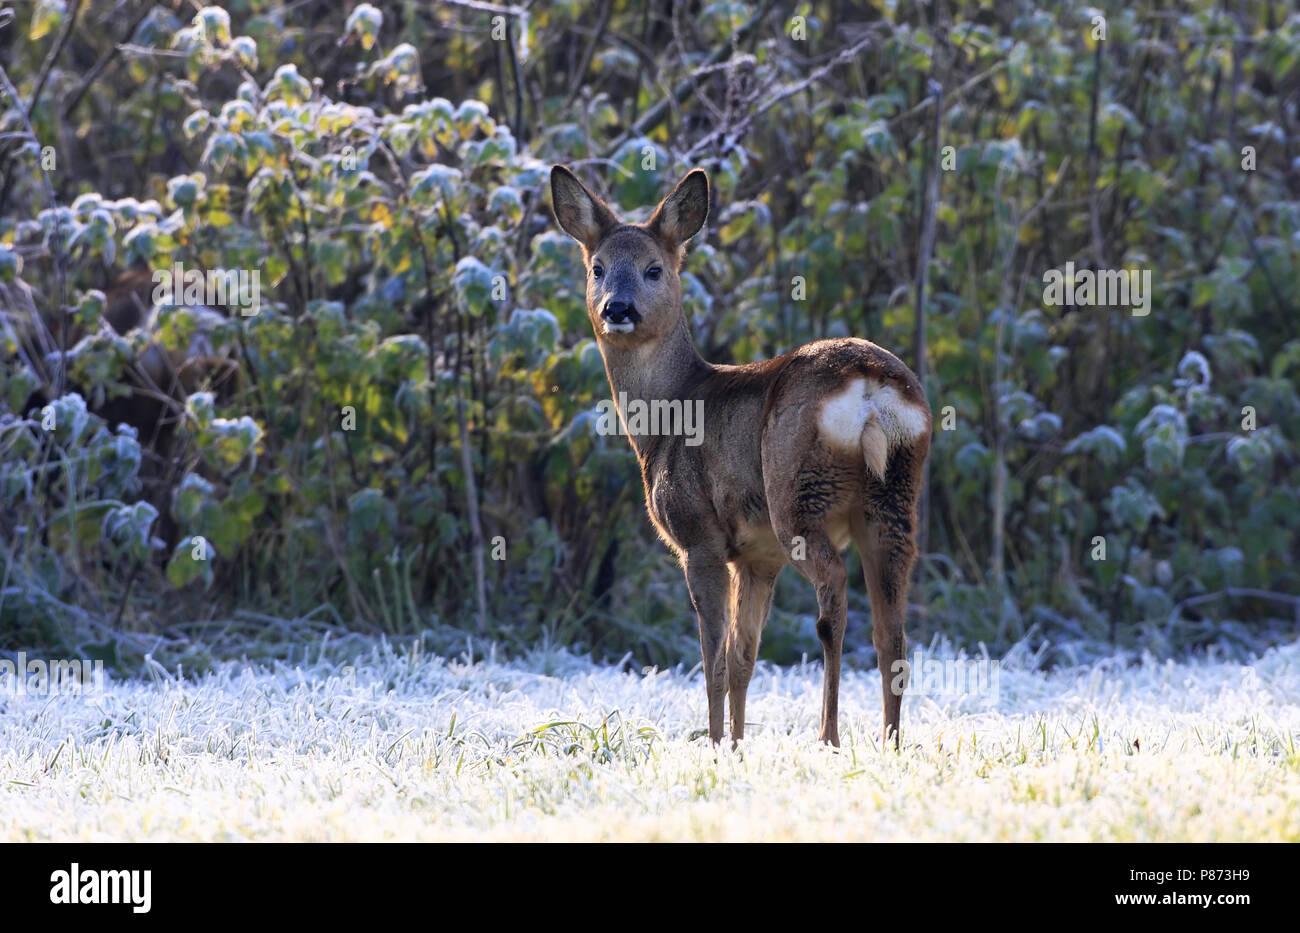 Ree; Roe deer Stock Photo